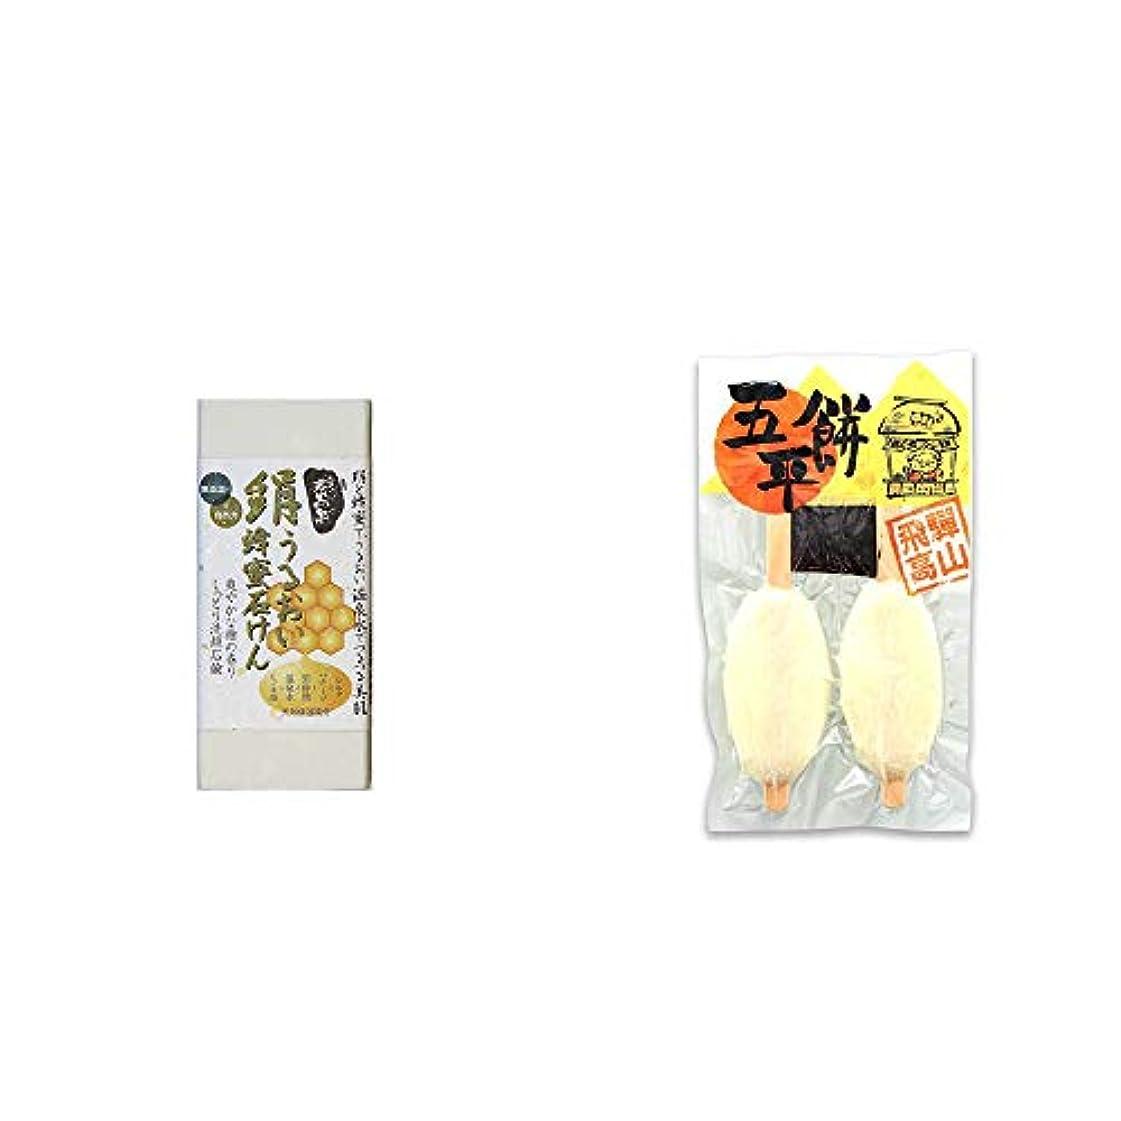 メンタリティ予想外変装[2点セット] ひのき炭黒泉 絹うるおい蜂蜜石けん(75g×2)?飛騨高山 木や 五平餅(2本入)